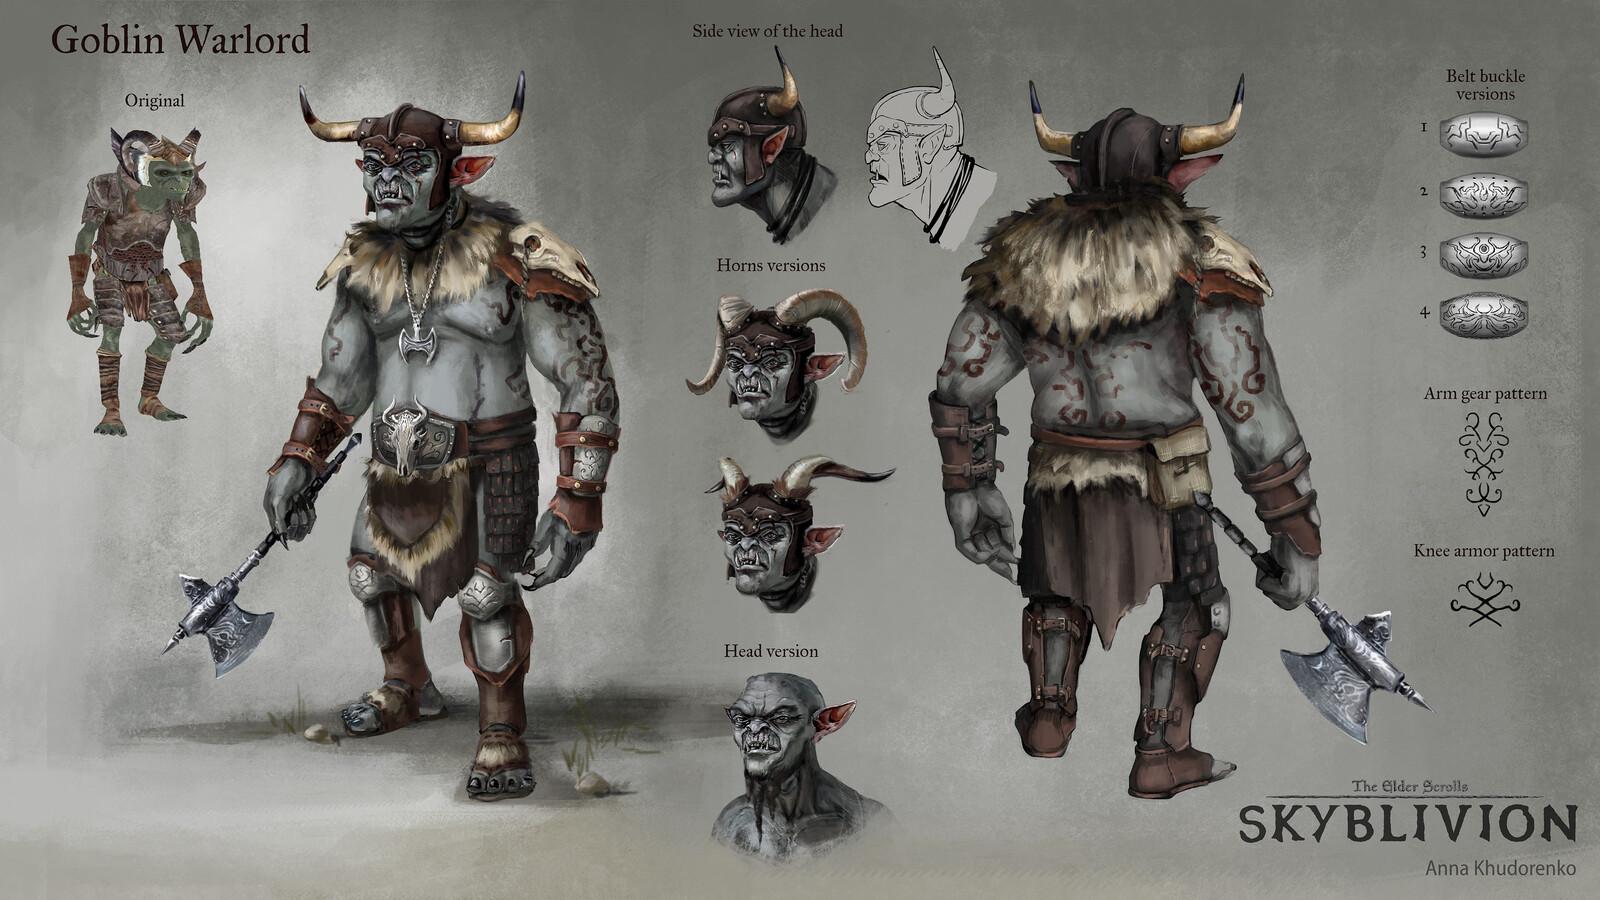 Skyblivion: Goblin Warlord